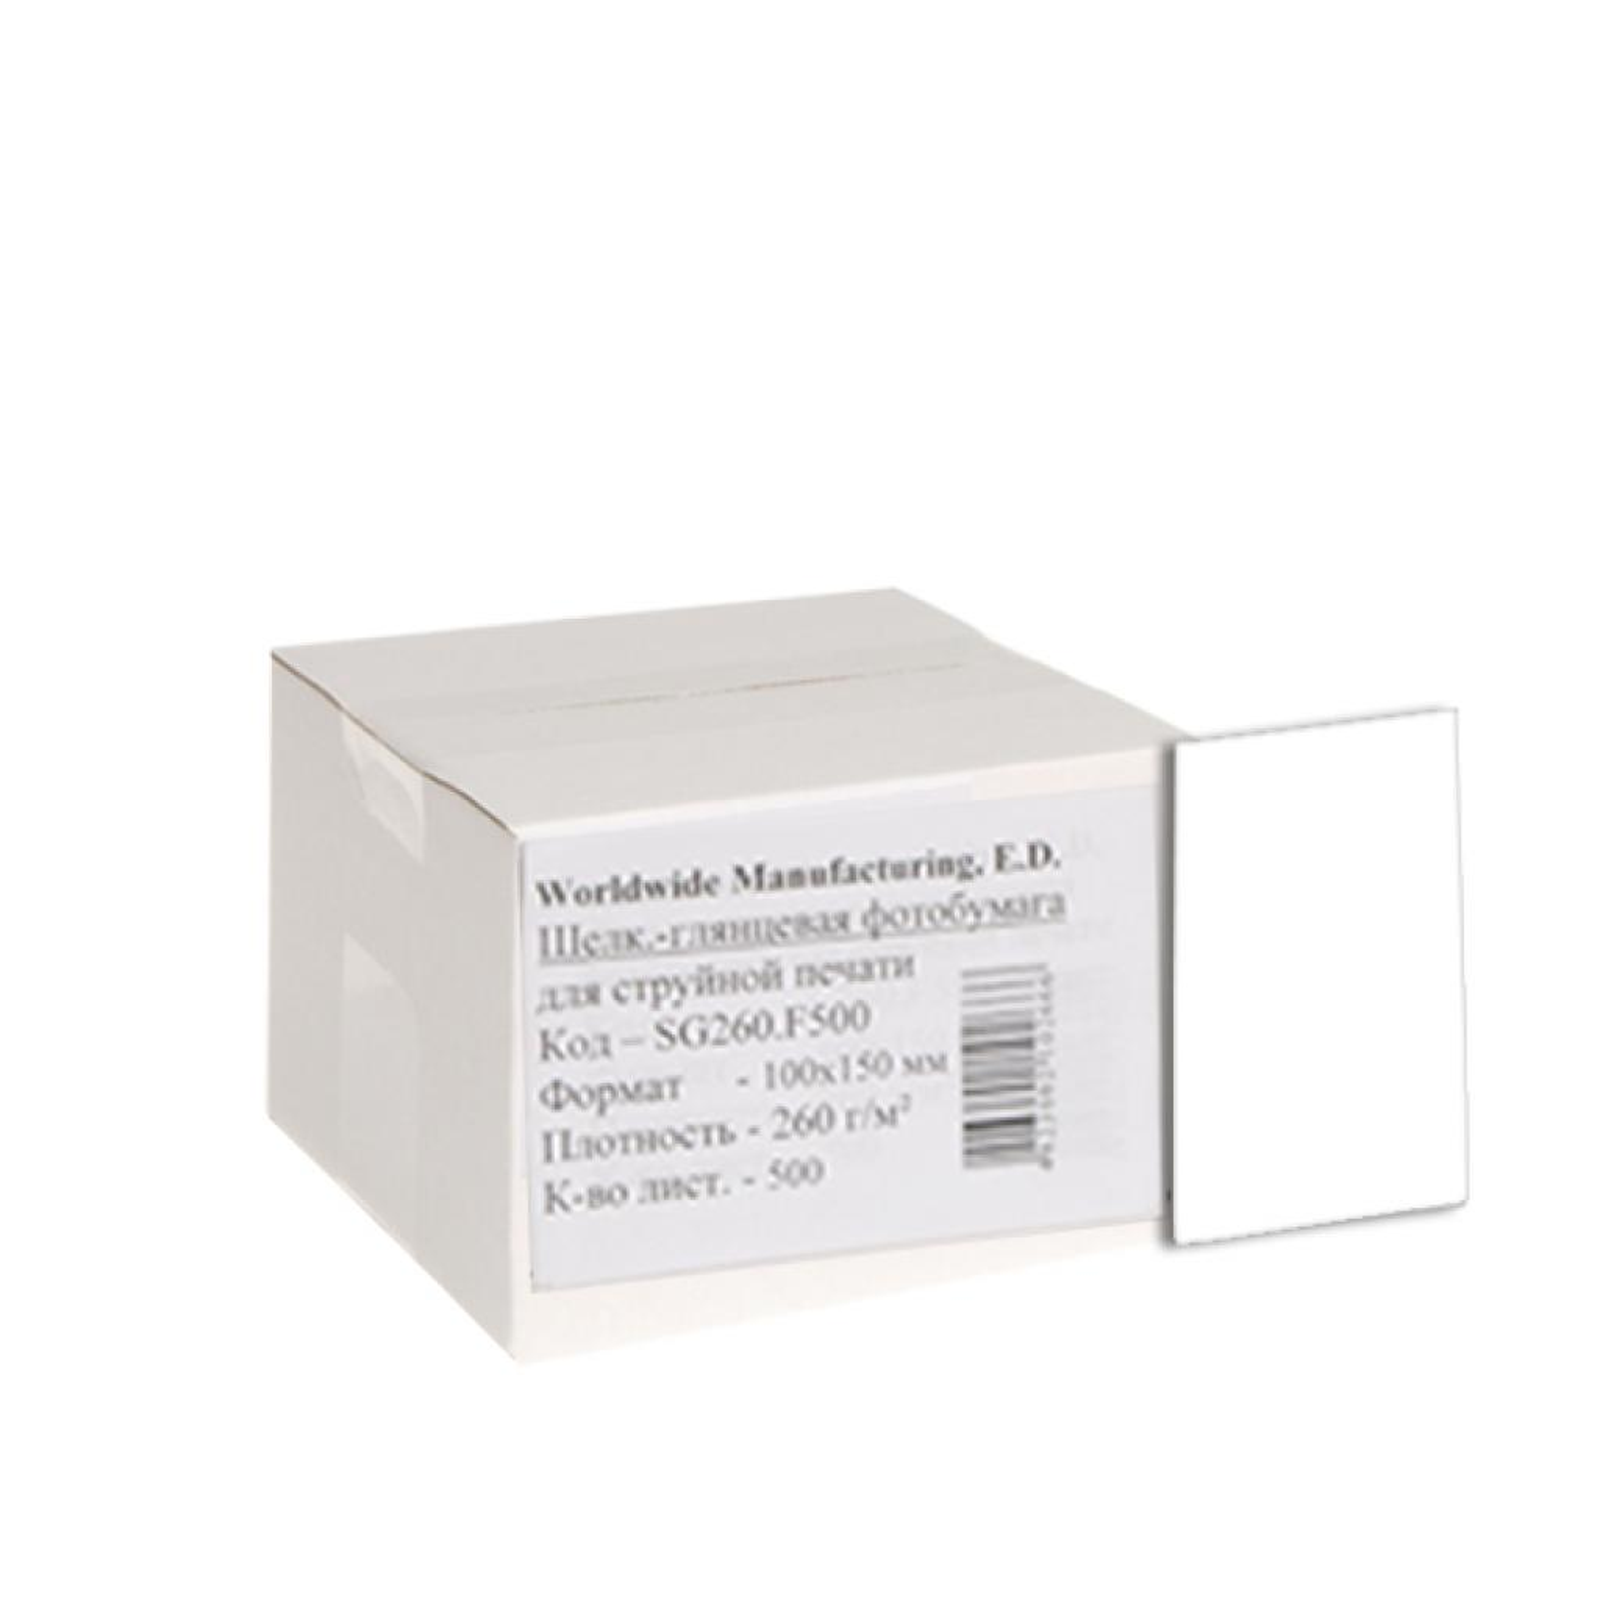 Бумага WWM 10x15 (SG260.F500)